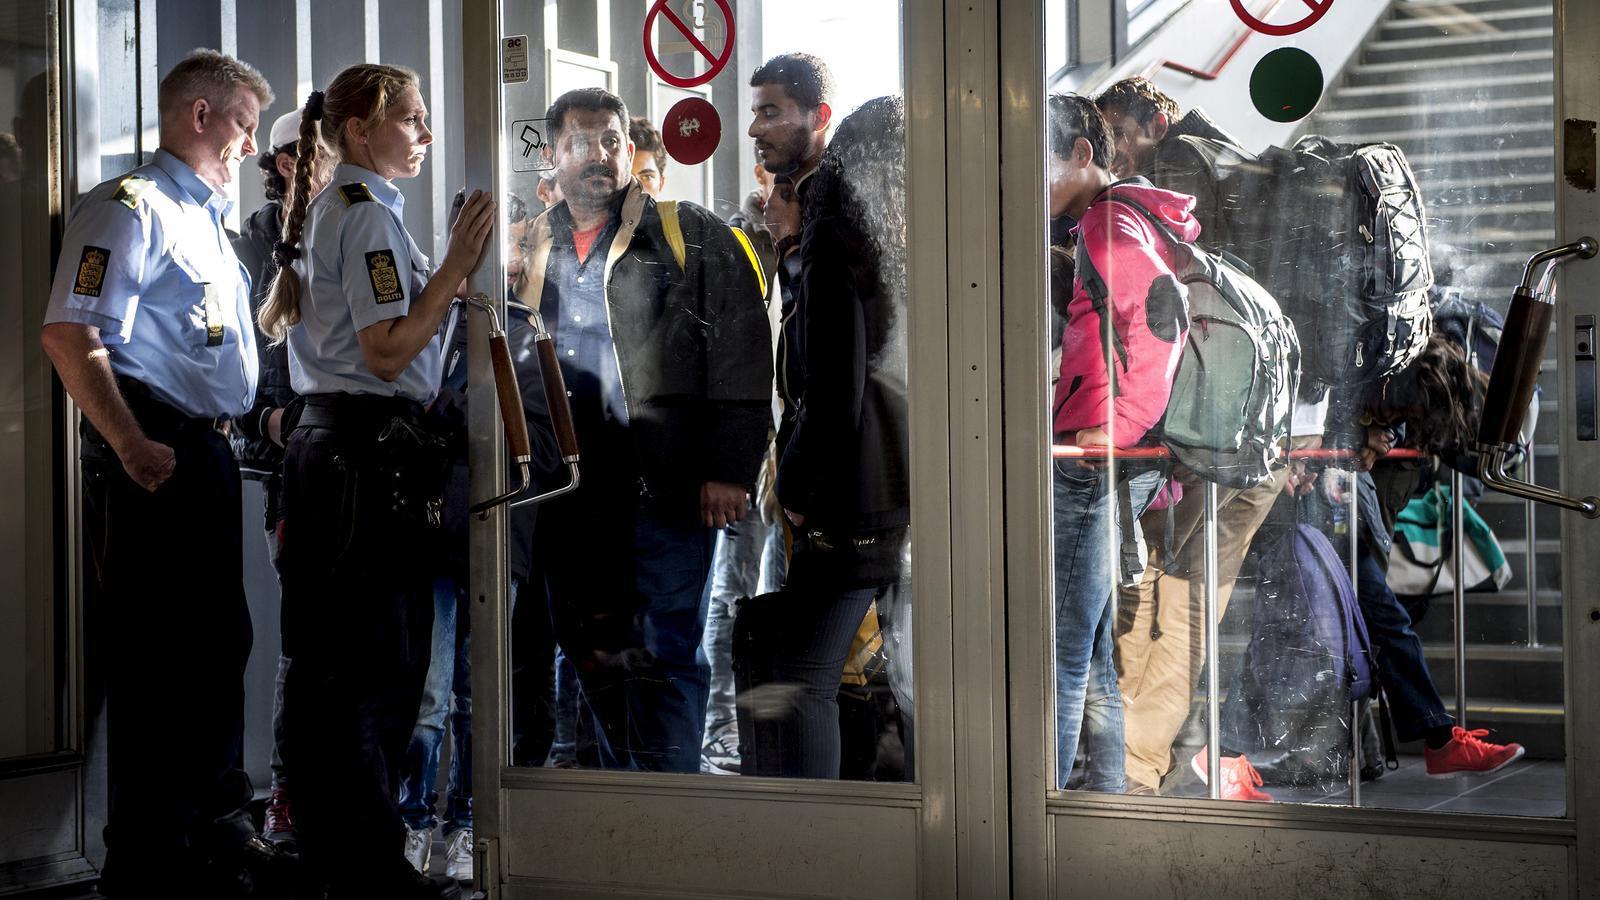 La policia danesa controla l'arribada d'immigrants al país.